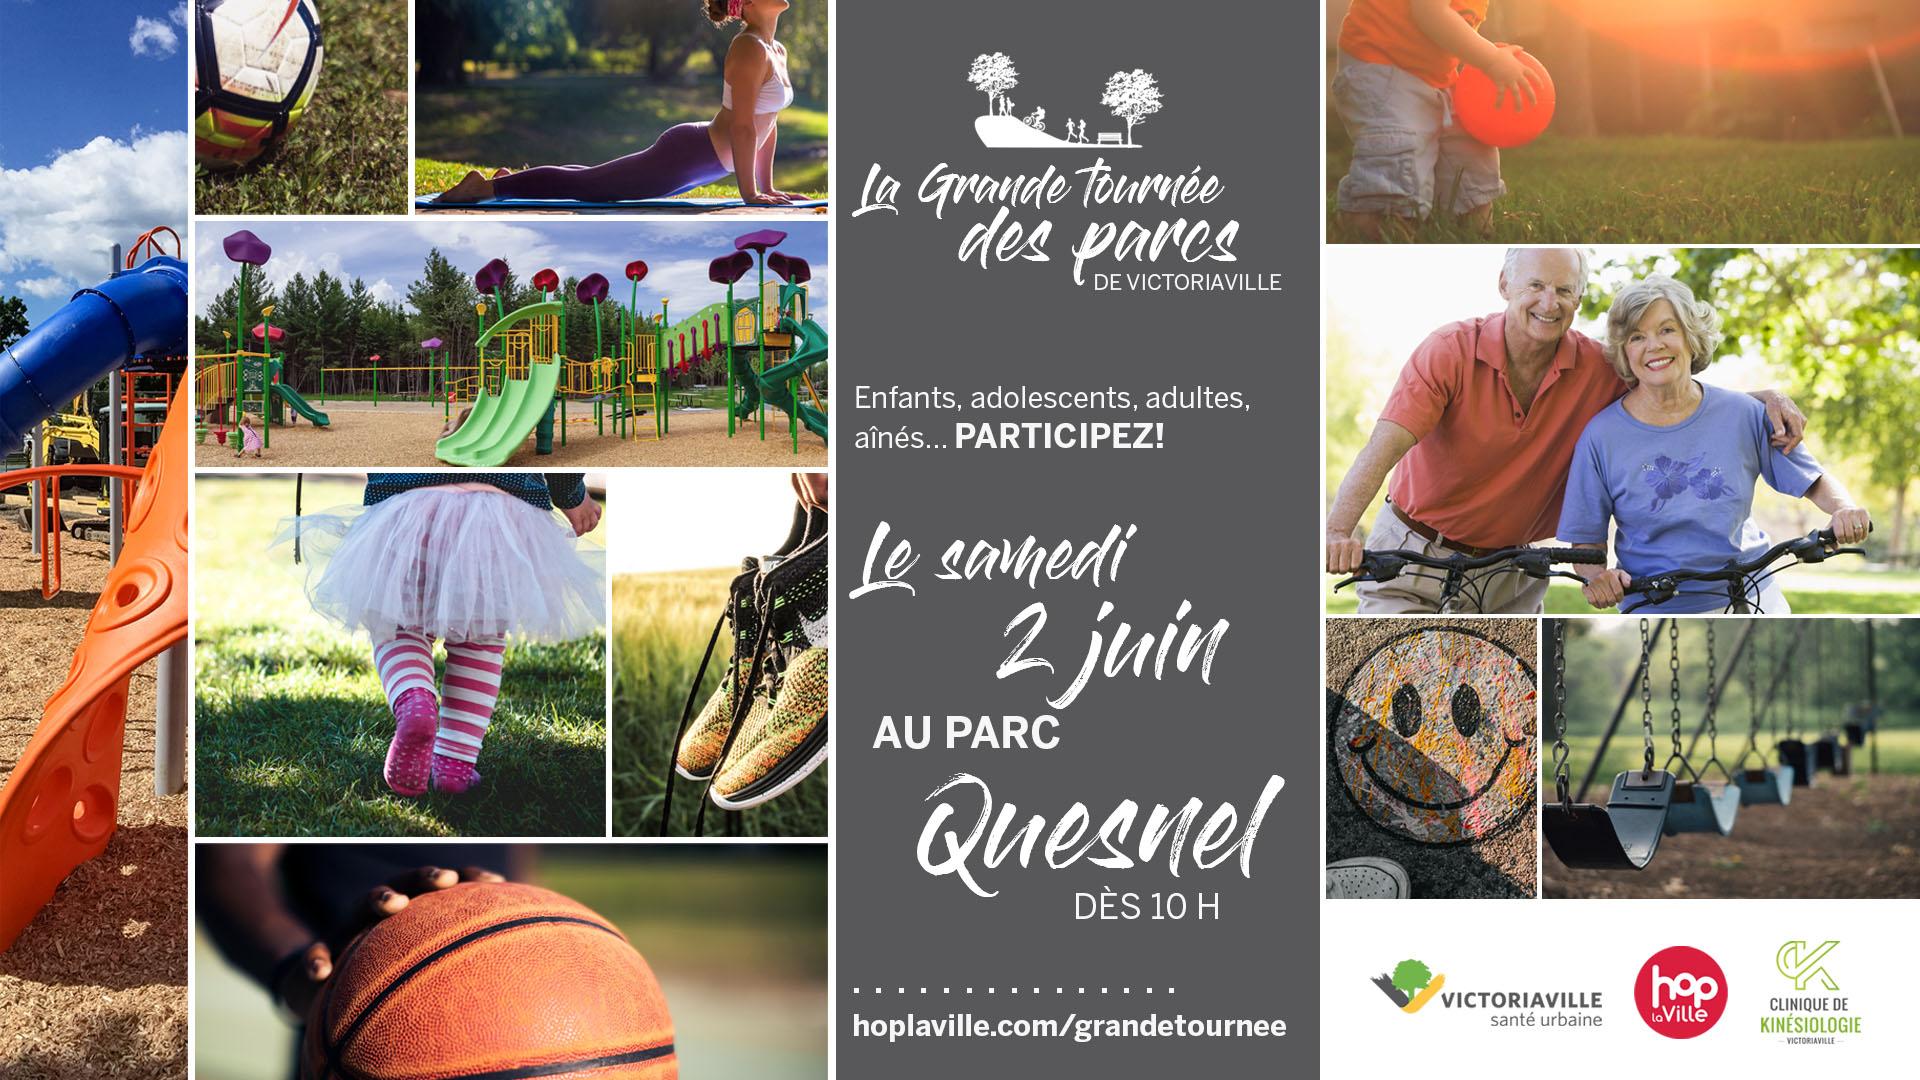 La Grande tournée des parcs - Quesnel